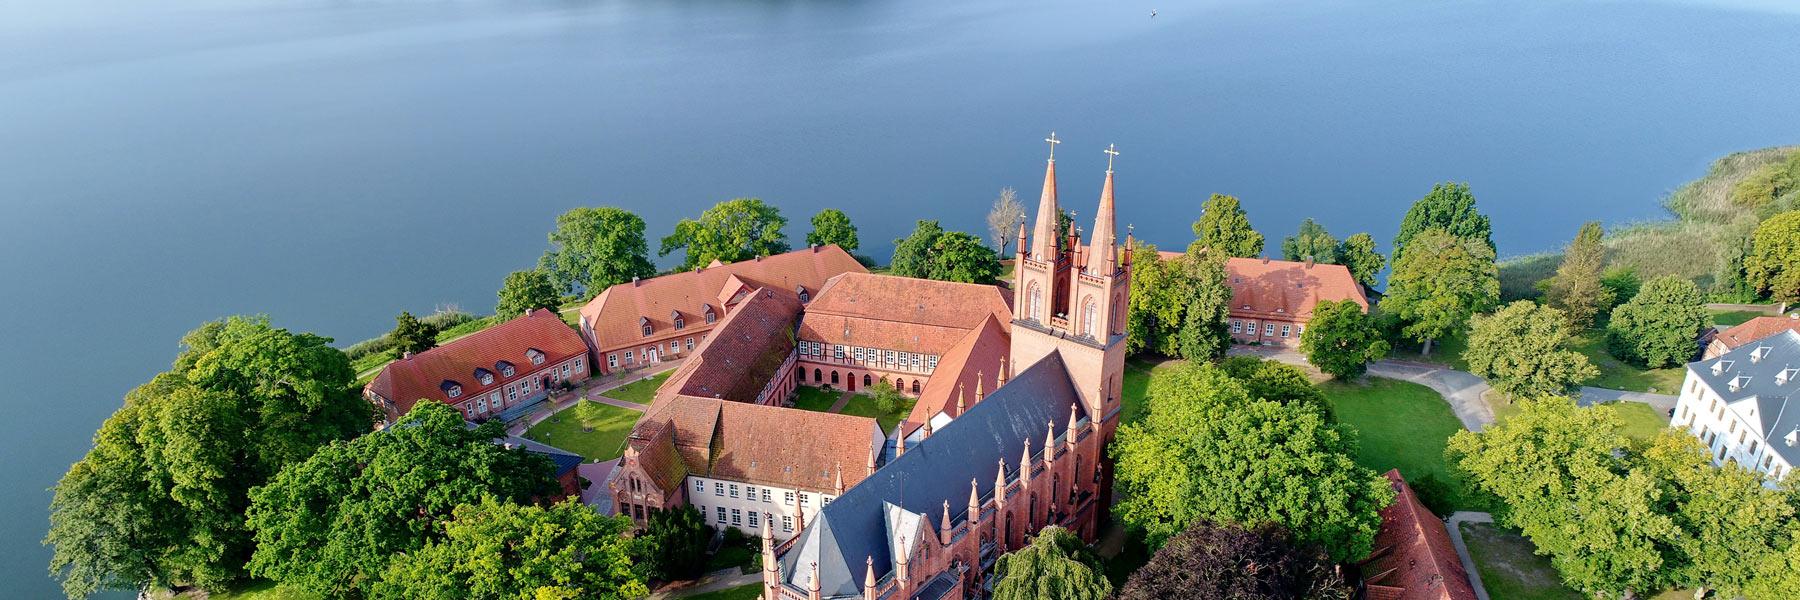 Kloster - Dobbertin